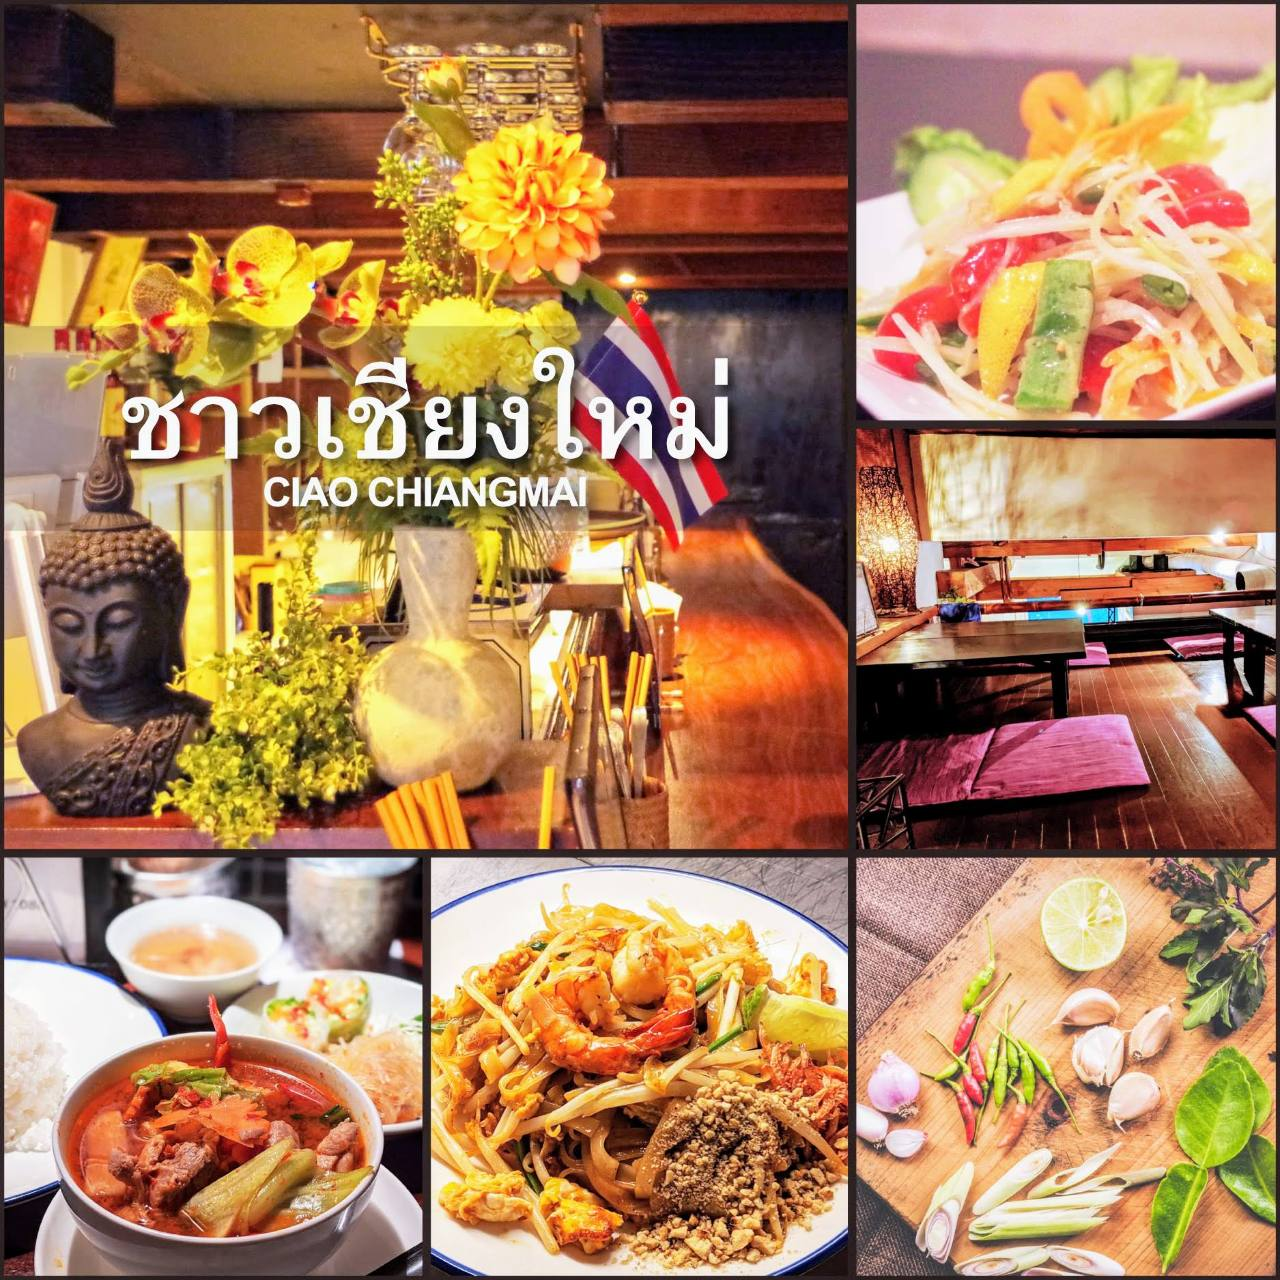 熟練の料理人による本格タイ料理